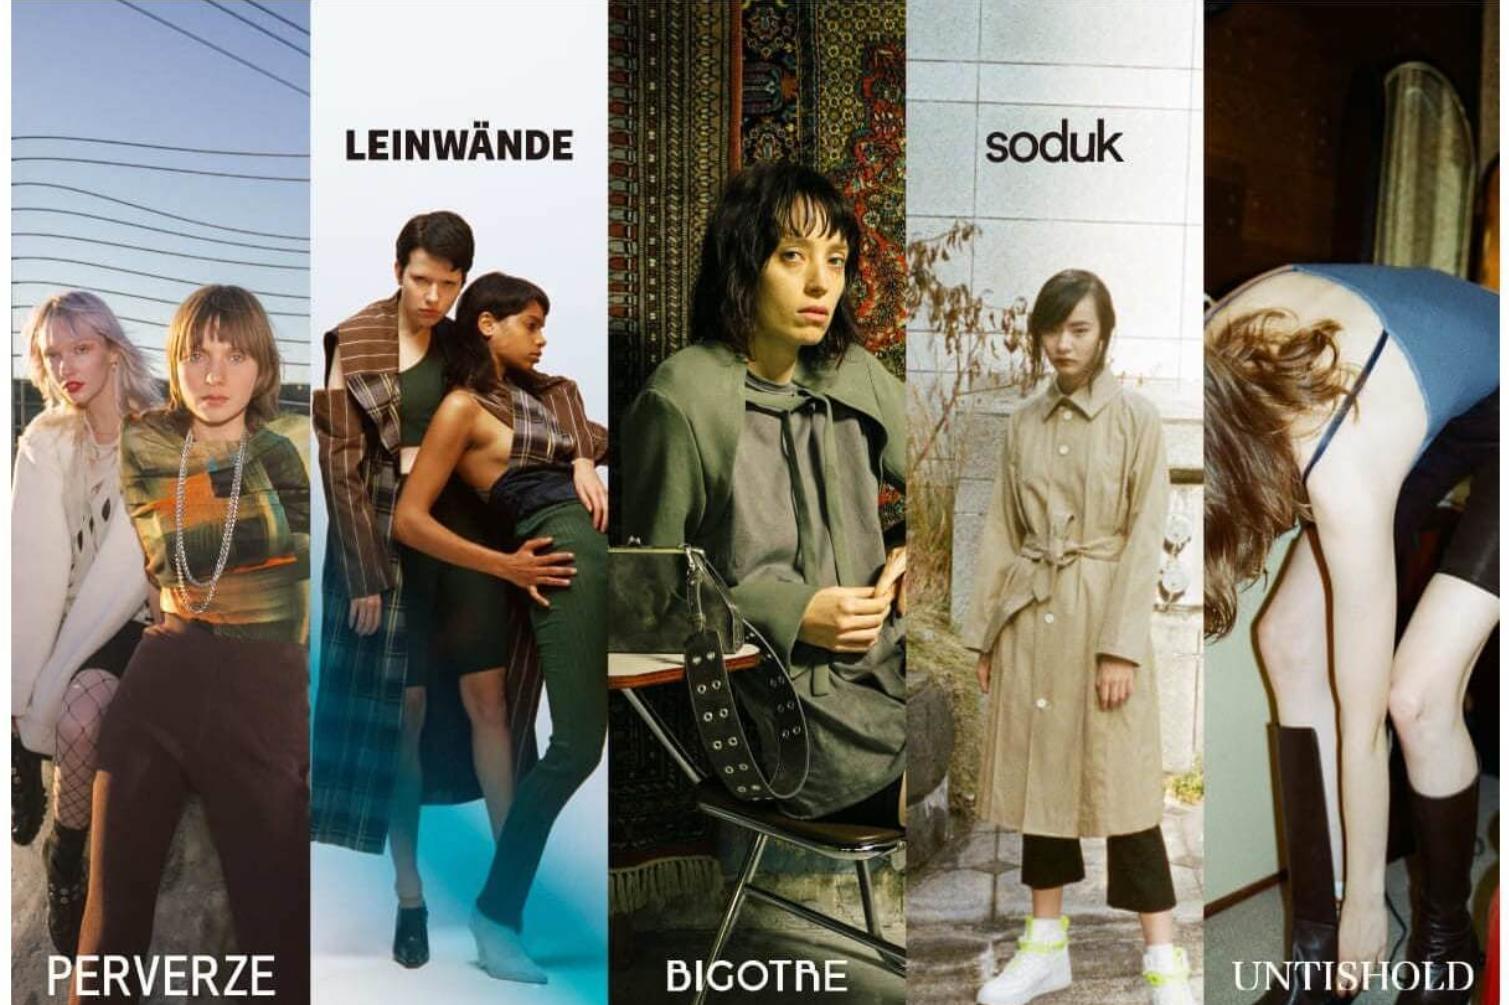 """成立四年实现盈利,日本品牌孵化平台 IMCF 如何帮助设计师实现""""创意""""与""""商业""""共存?"""